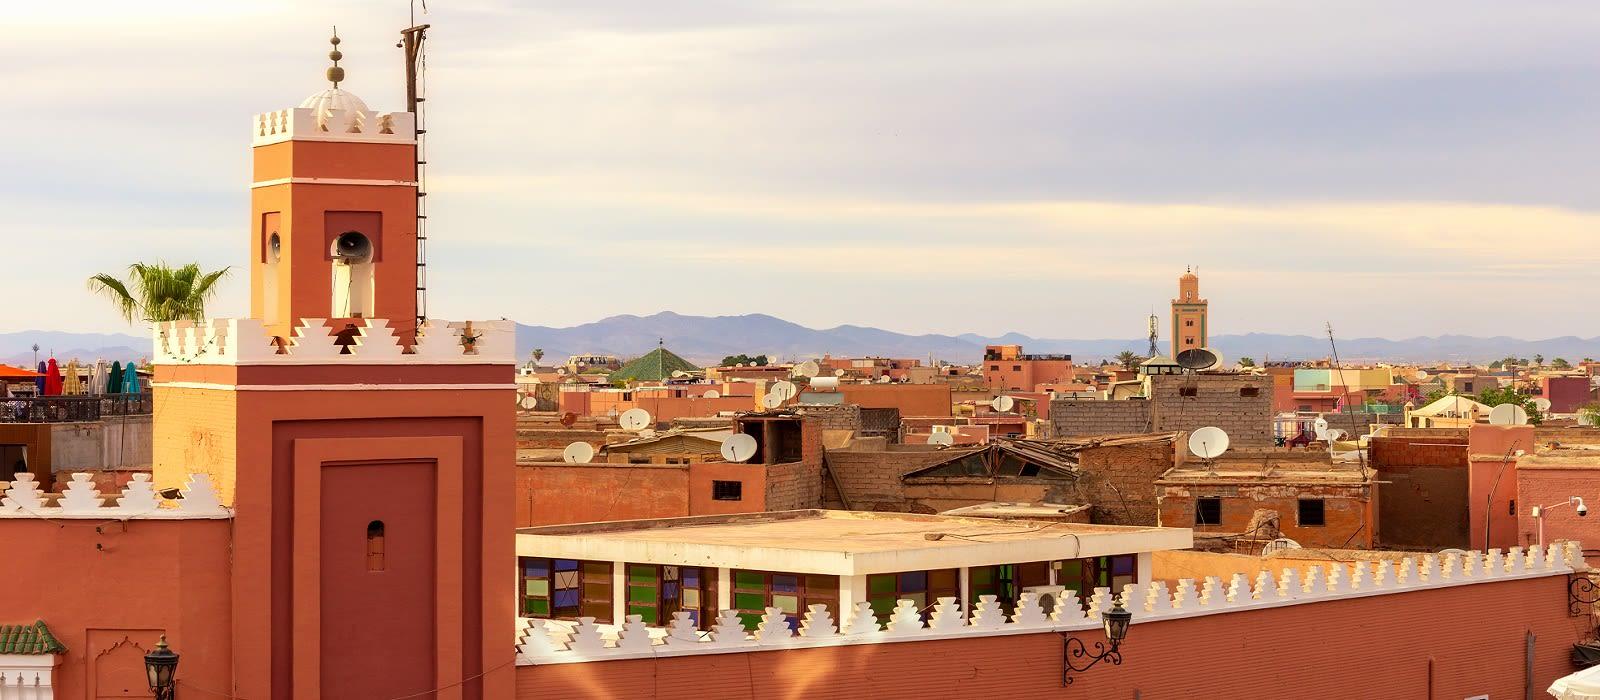 Marokko: Bergwelten, Küstenflair & schillernde Städte Urlaub 2